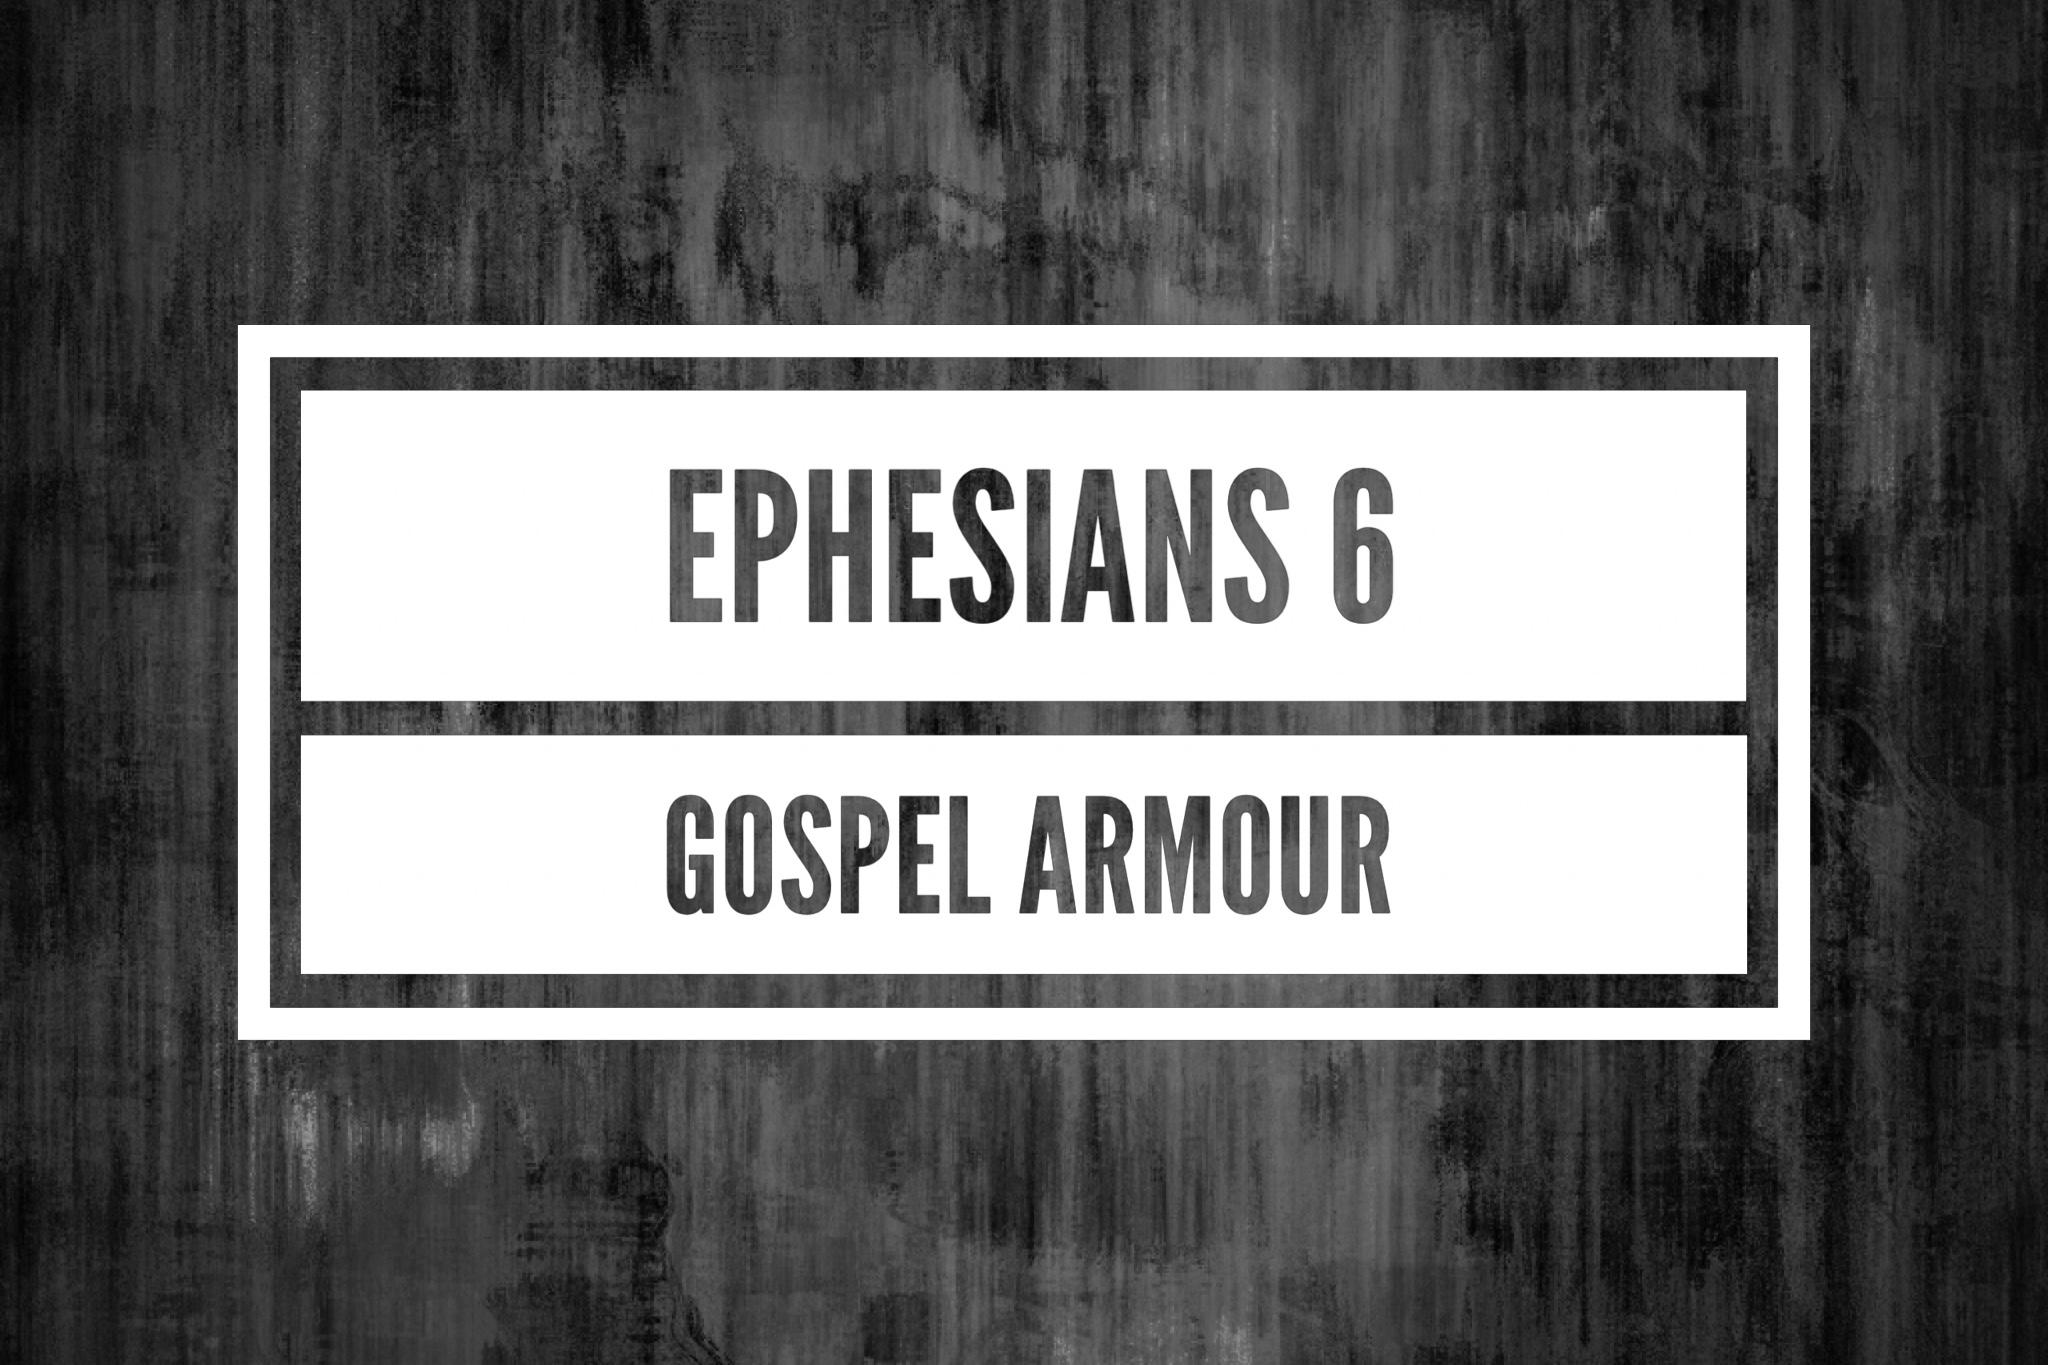 18/09/16  Ephesians 6: 10-24